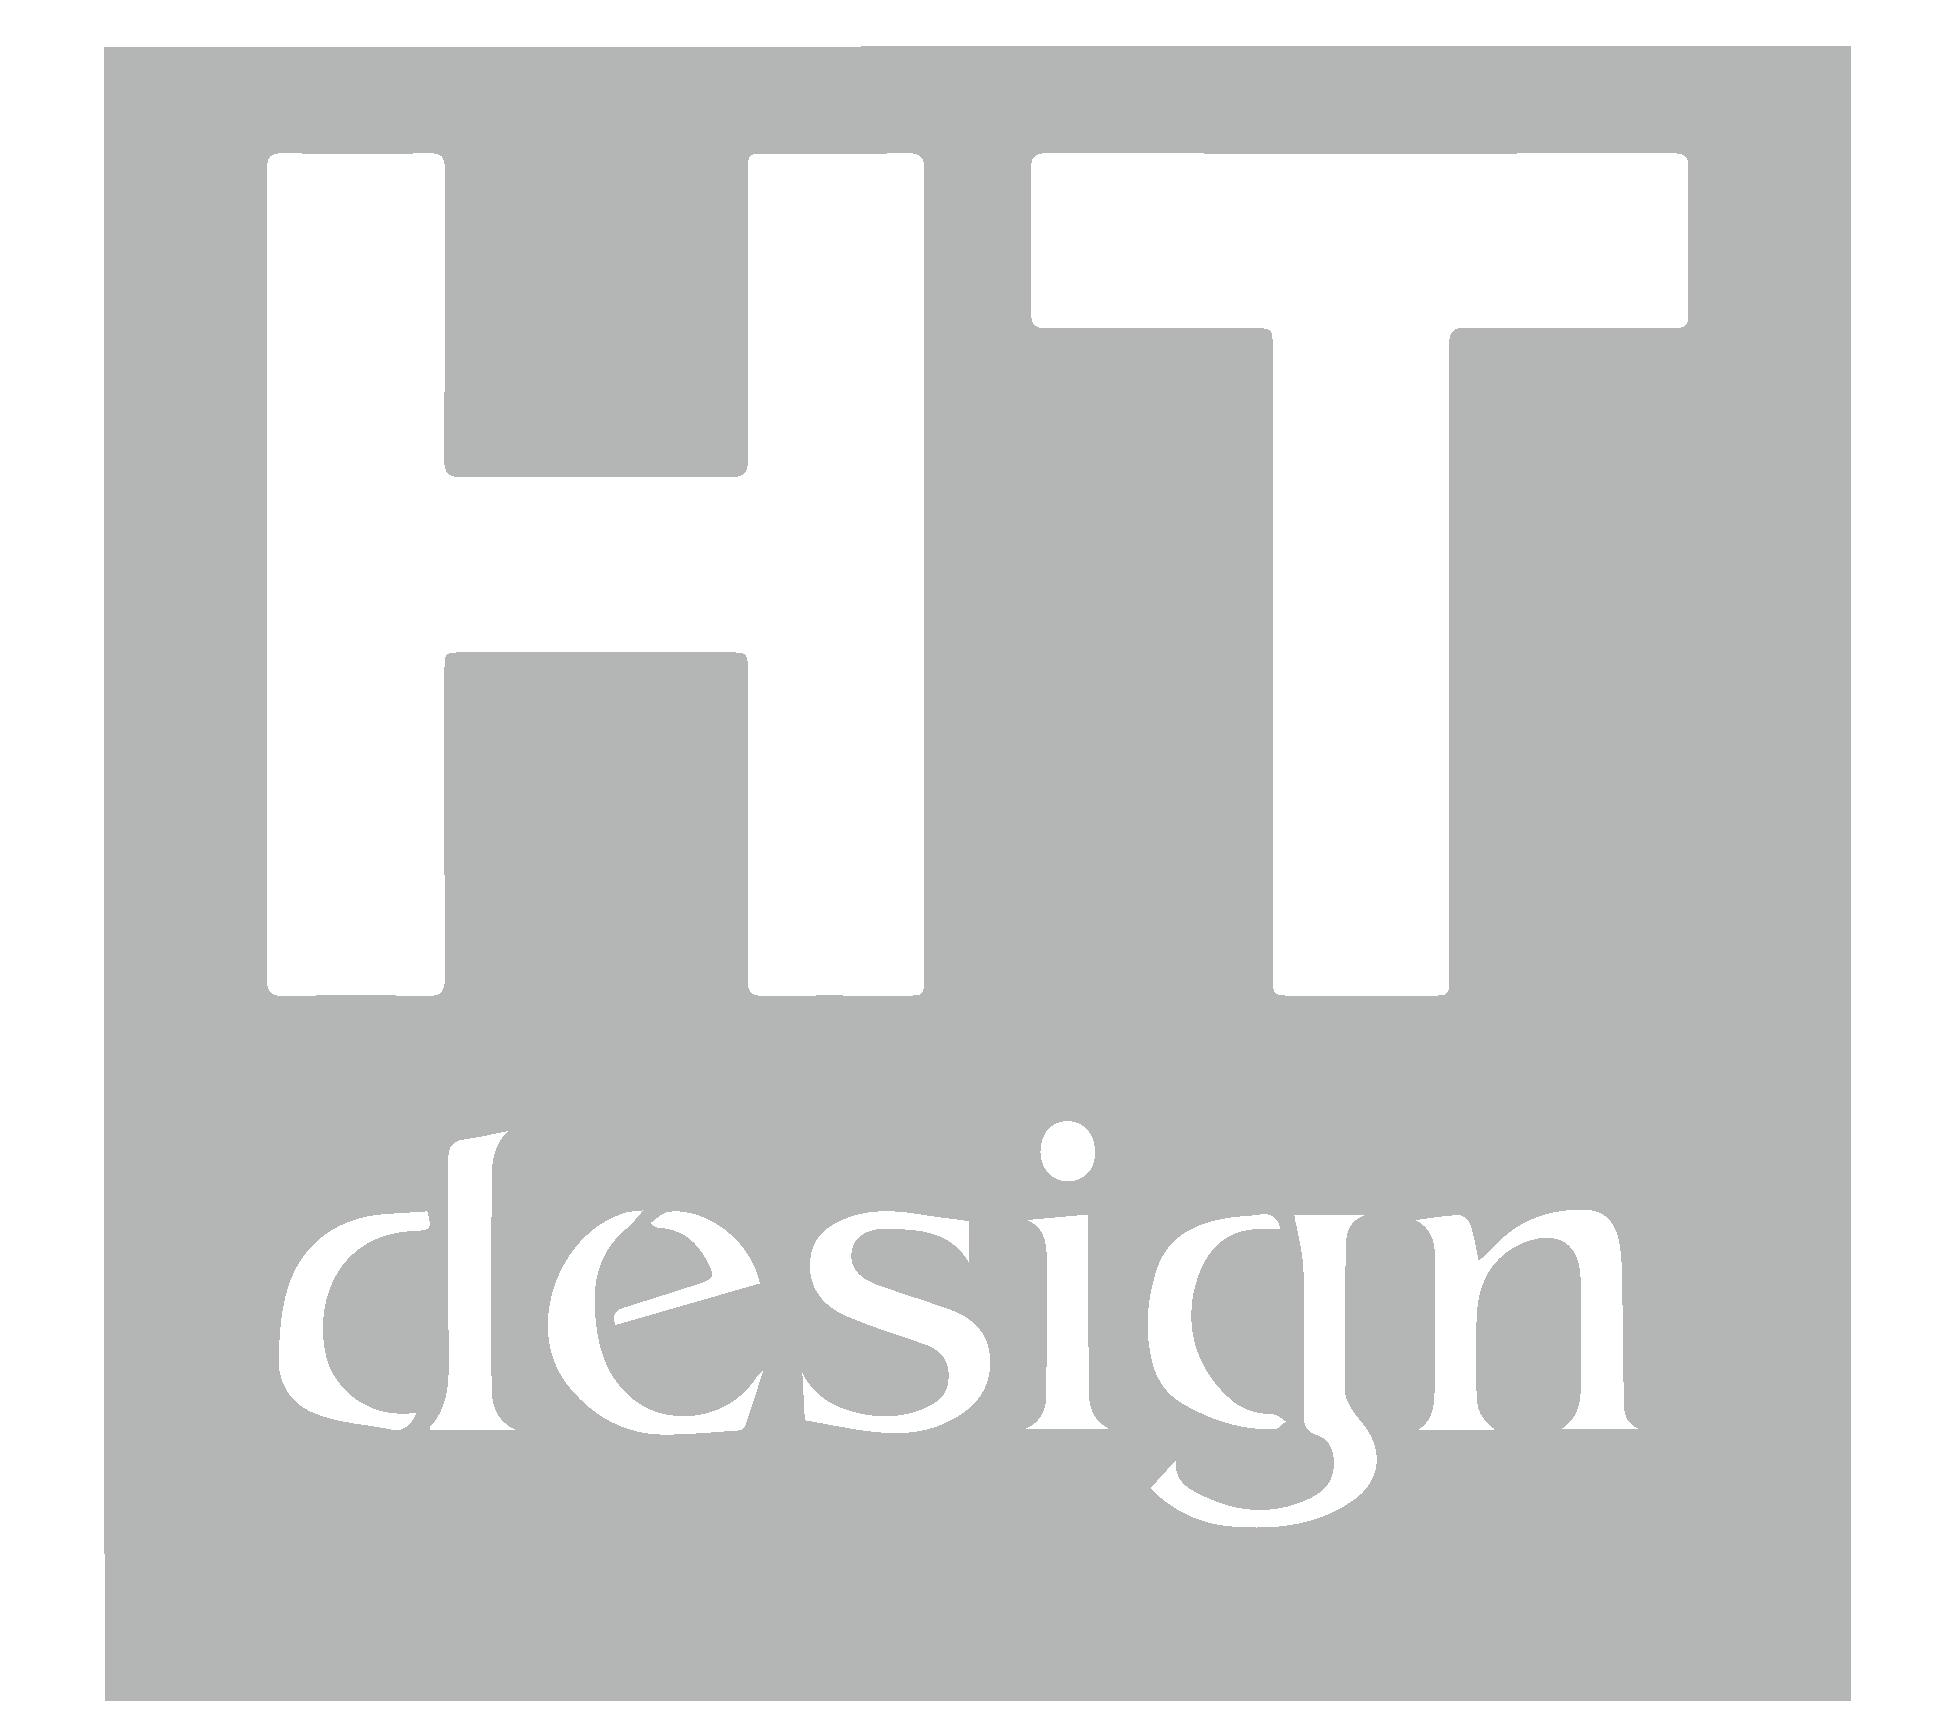 HT Design